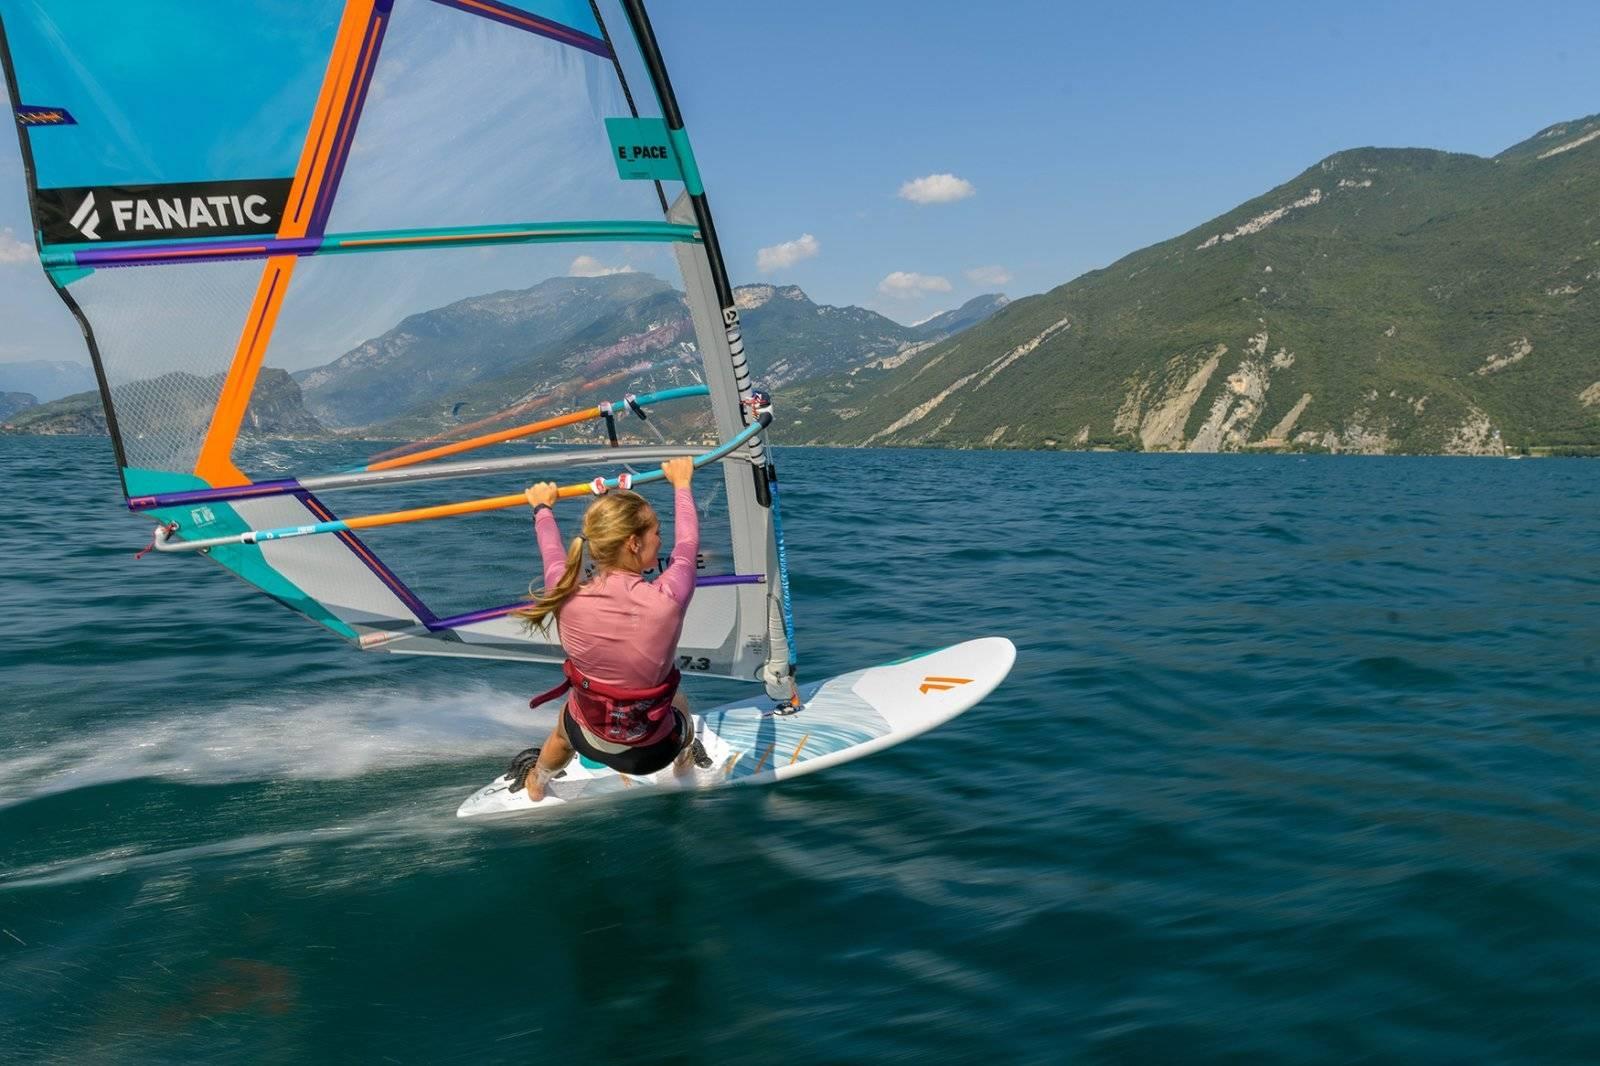 En windsurfer har en enorm utfordring både psykisk og psykisk. Hvert millisekund må det gjøres små og store justeringer. Bilde: Fanatic / Ronny Kiaulehn